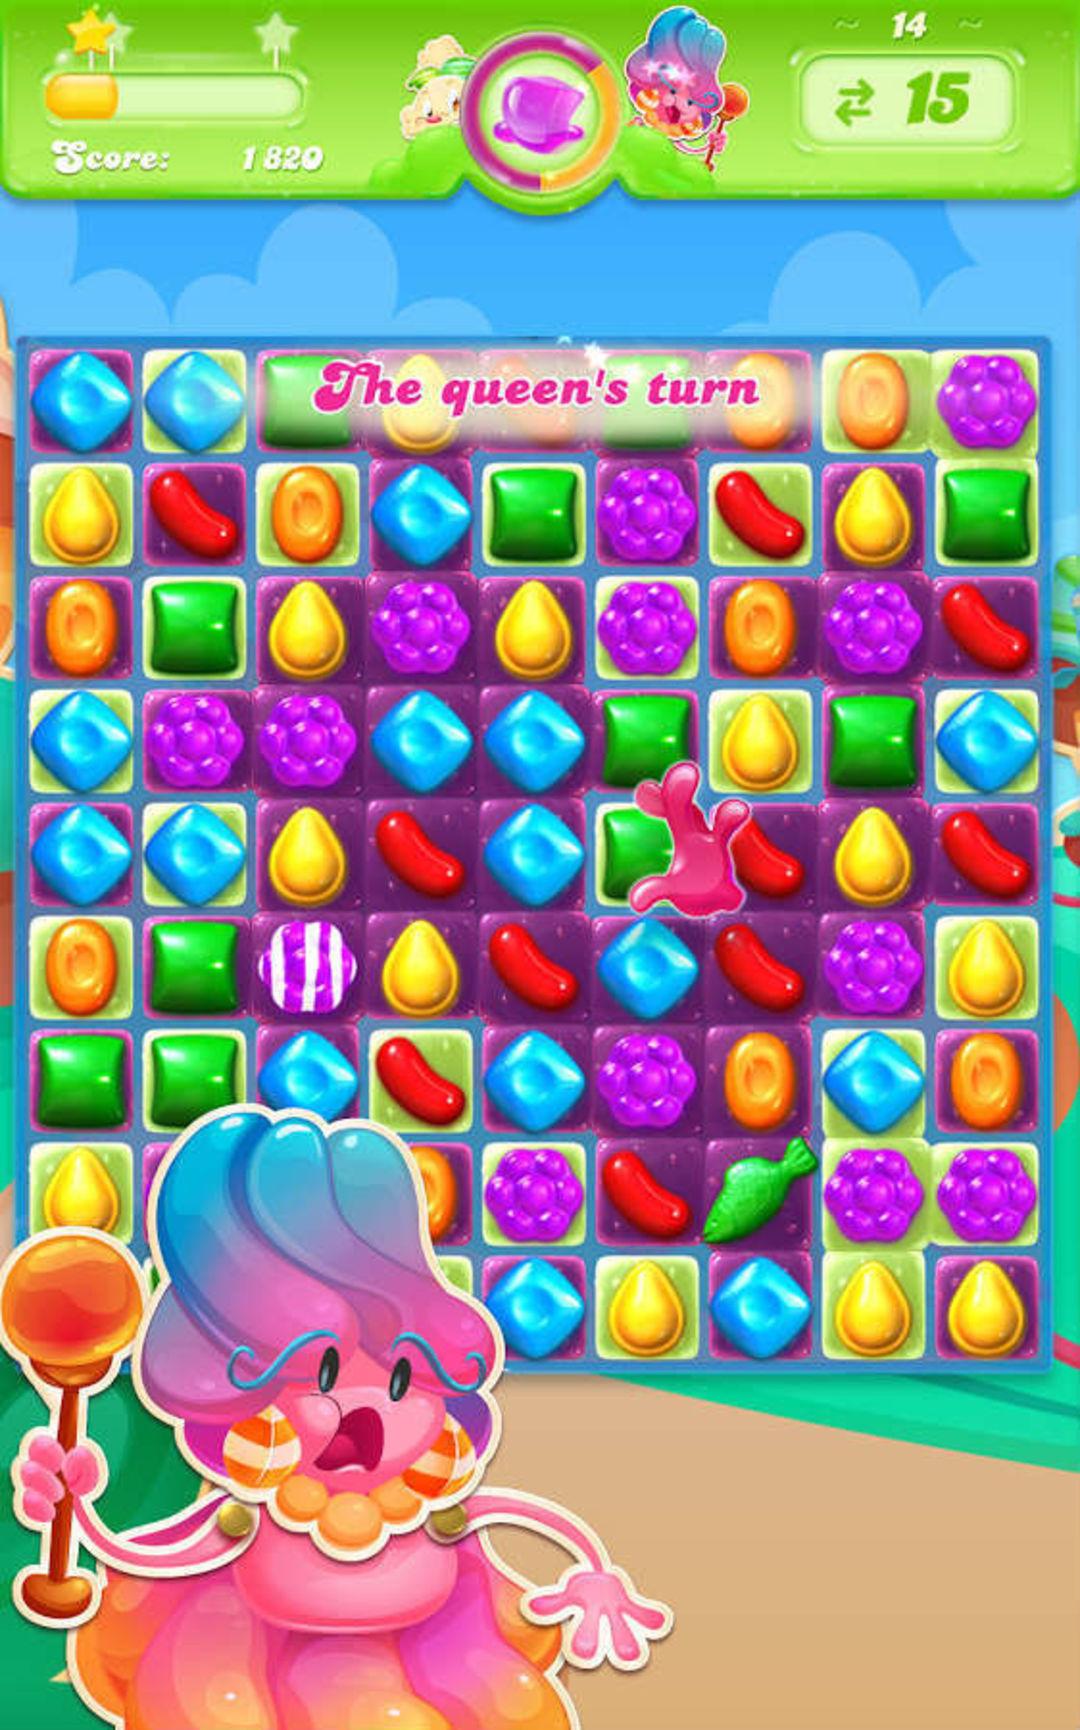 《糖果果冻传奇》中的女王模式。